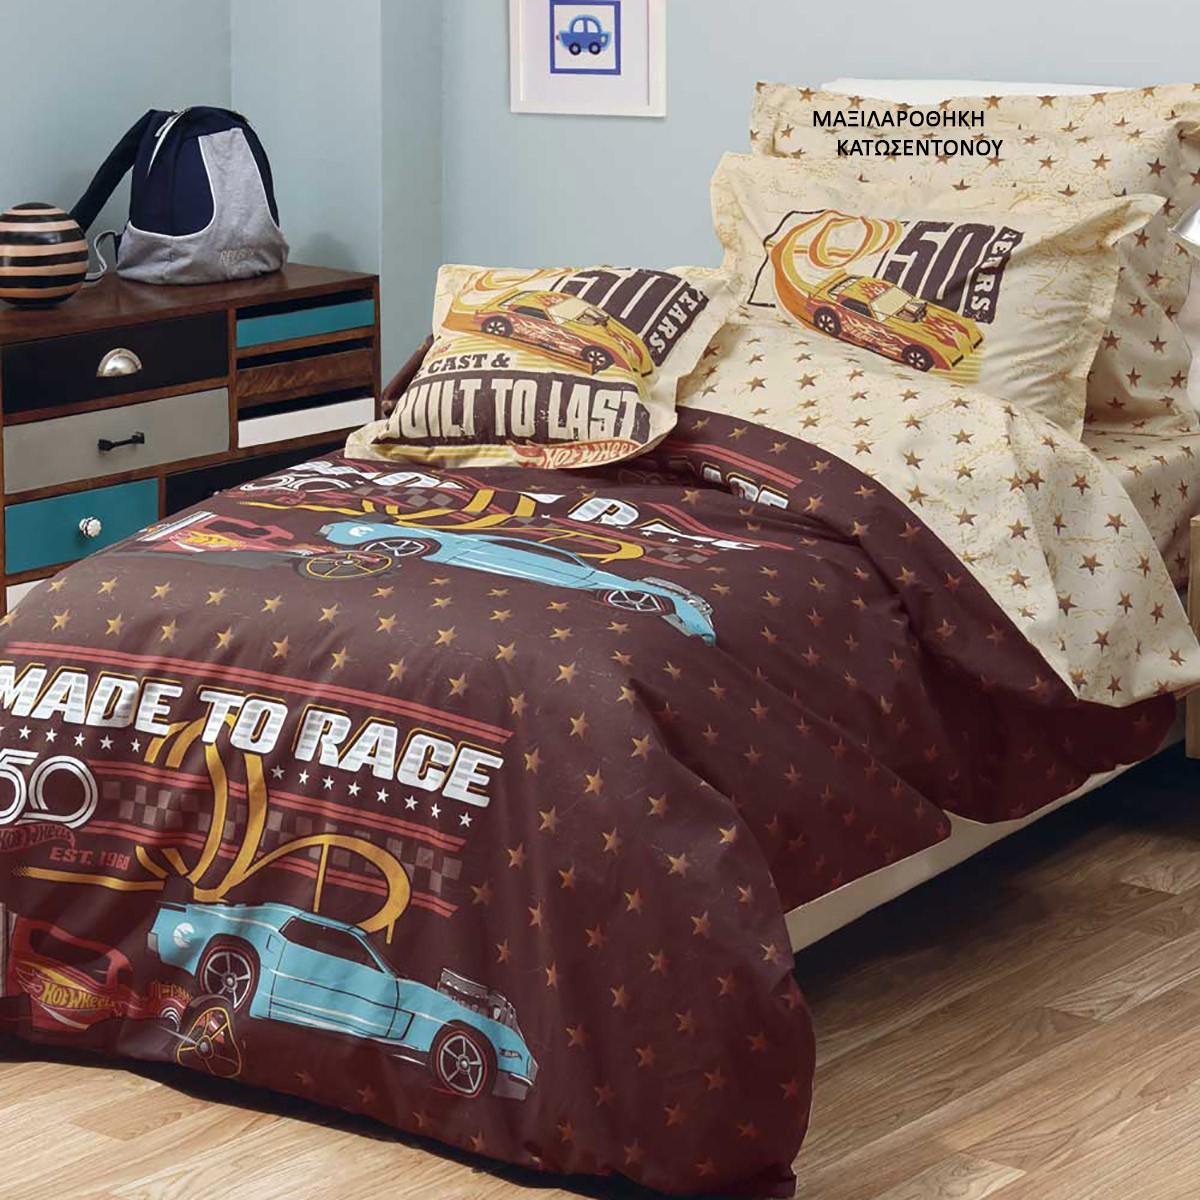 Μαξιλαροθήκη Κατωσέντονου Kentia Kids Hot Wheels 514